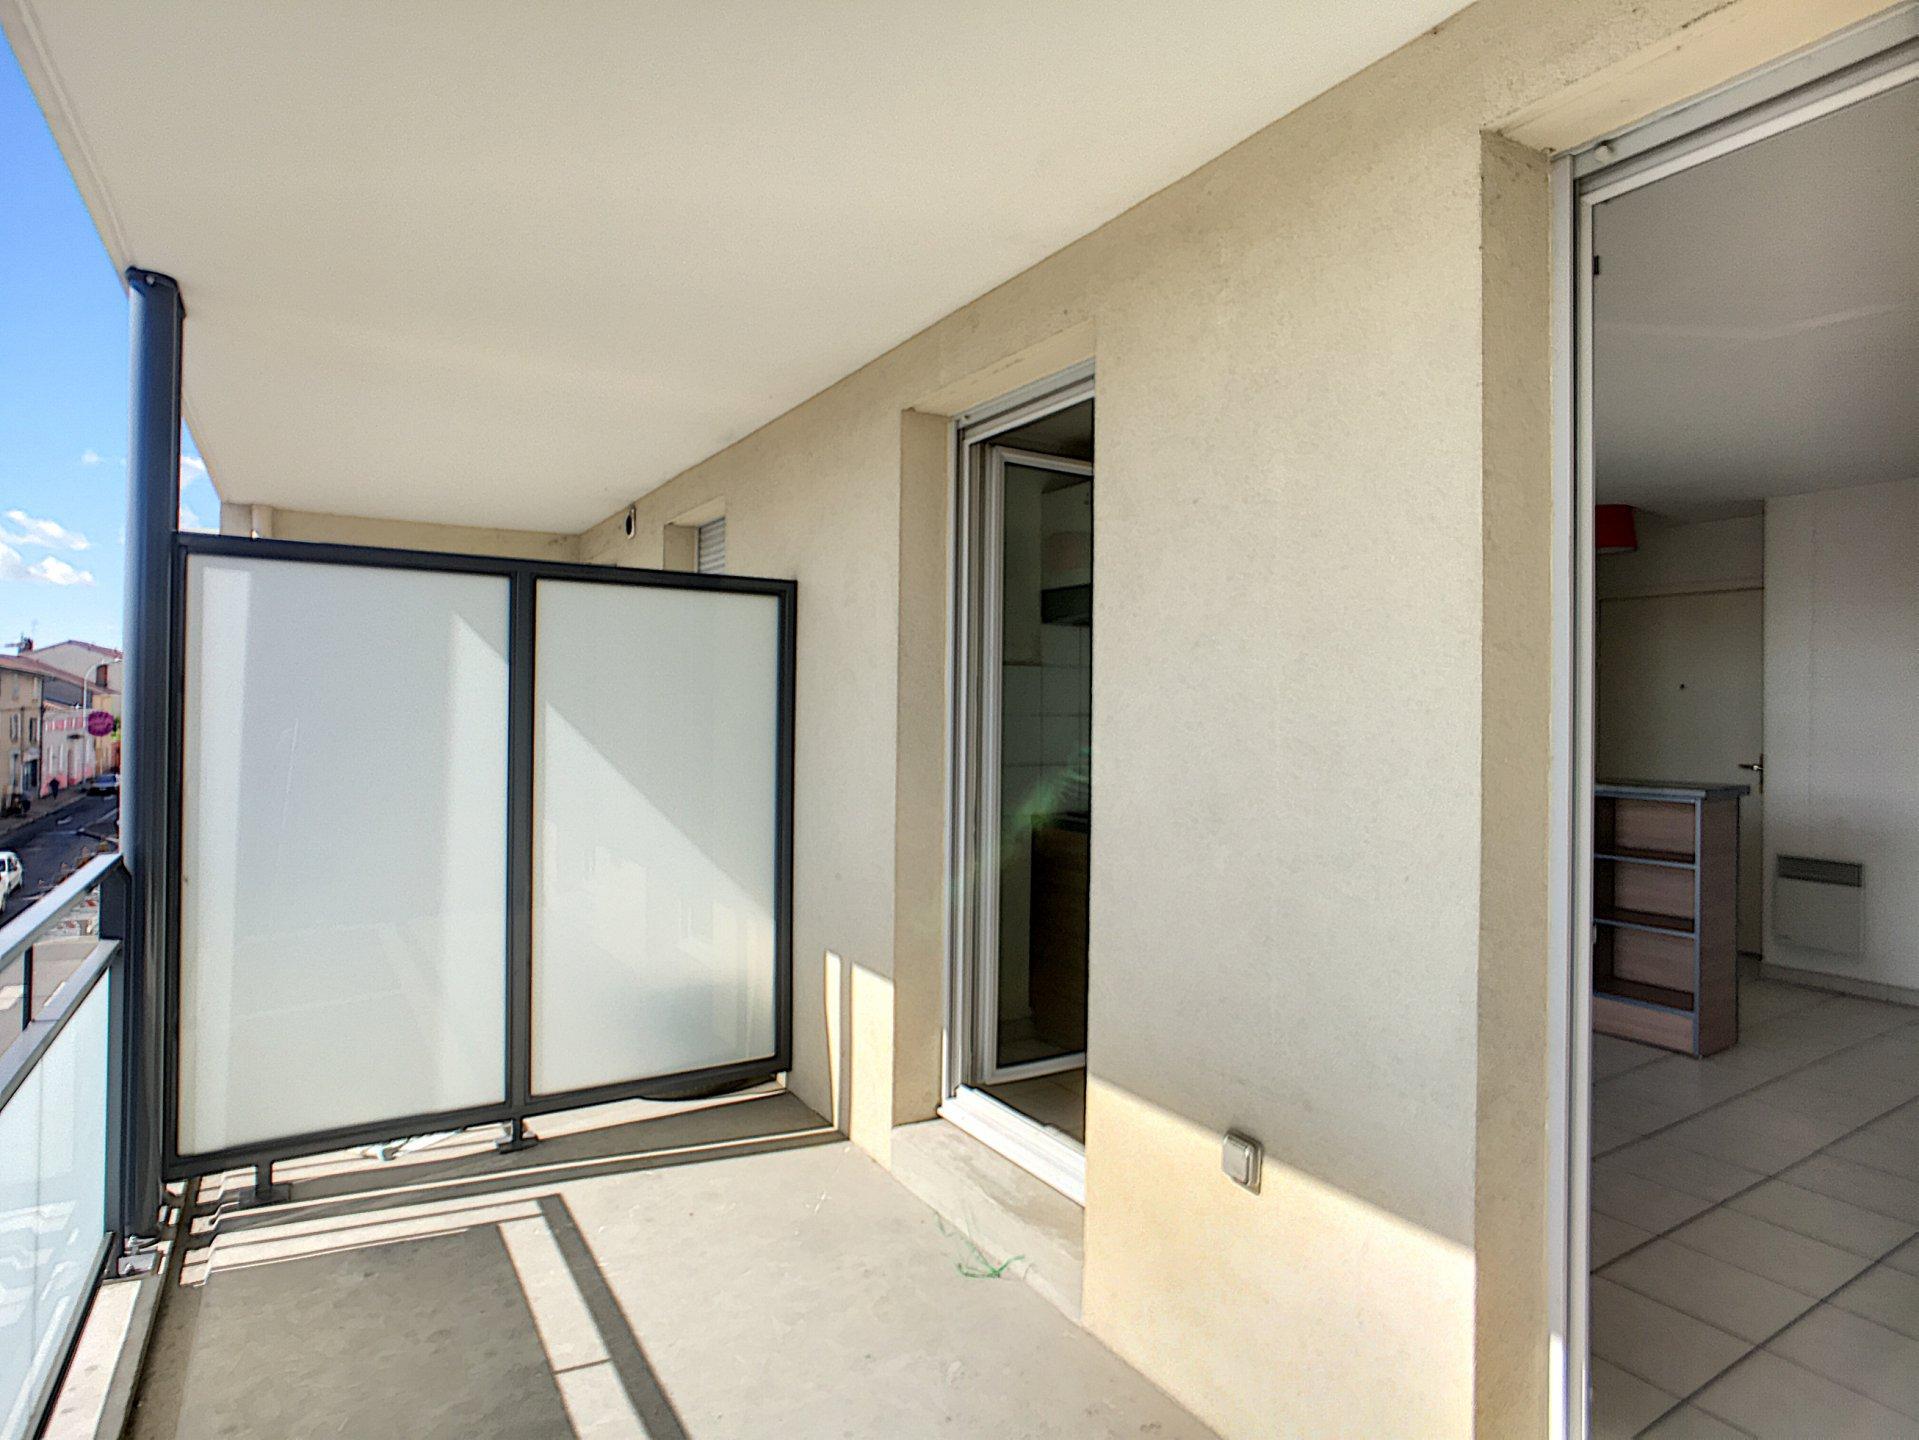 T2 - Balcon - Garage - Piscine